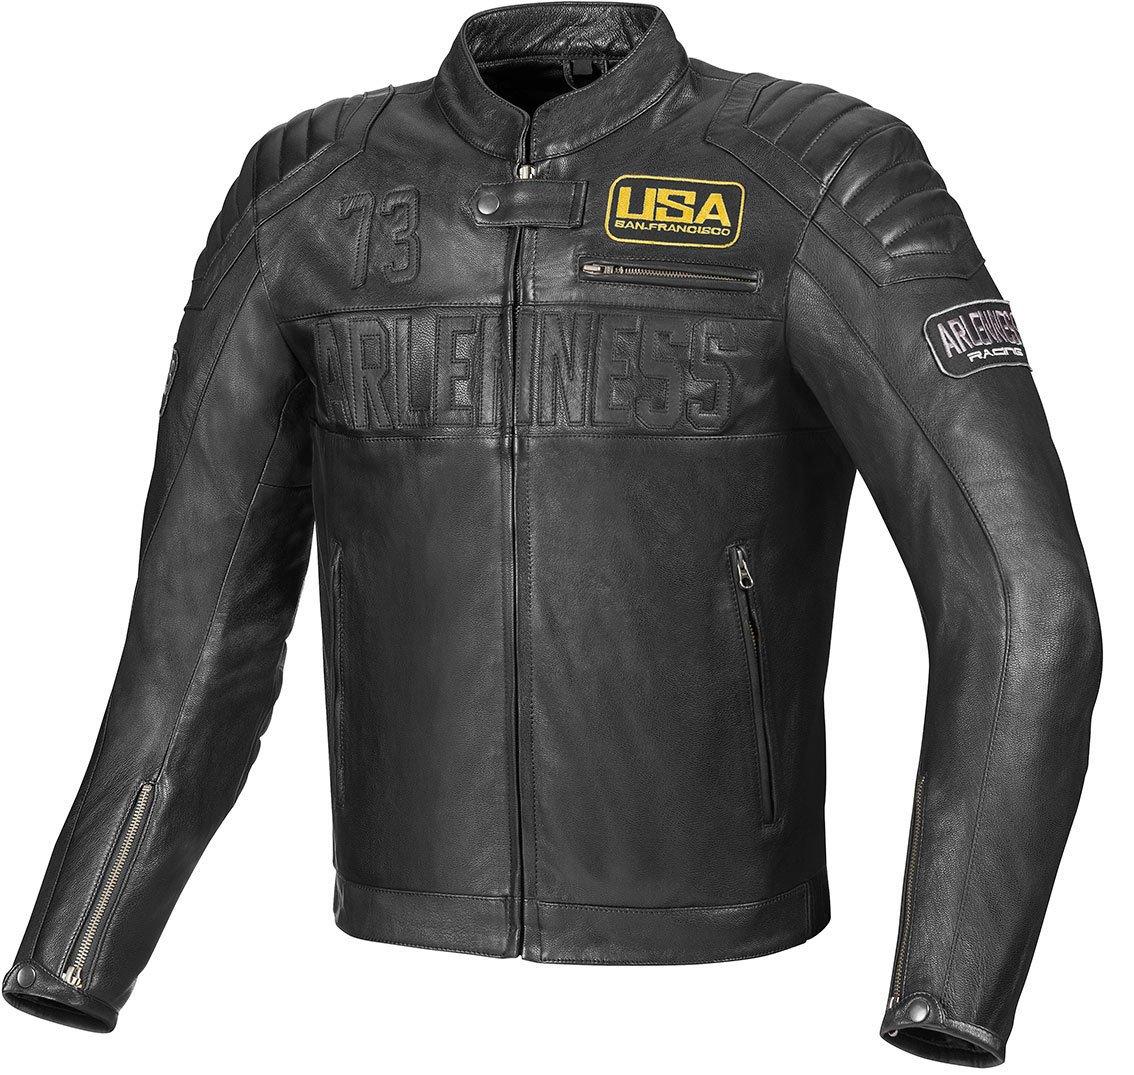 Giacca da motociclista in pelle Arlen Ness Aggro